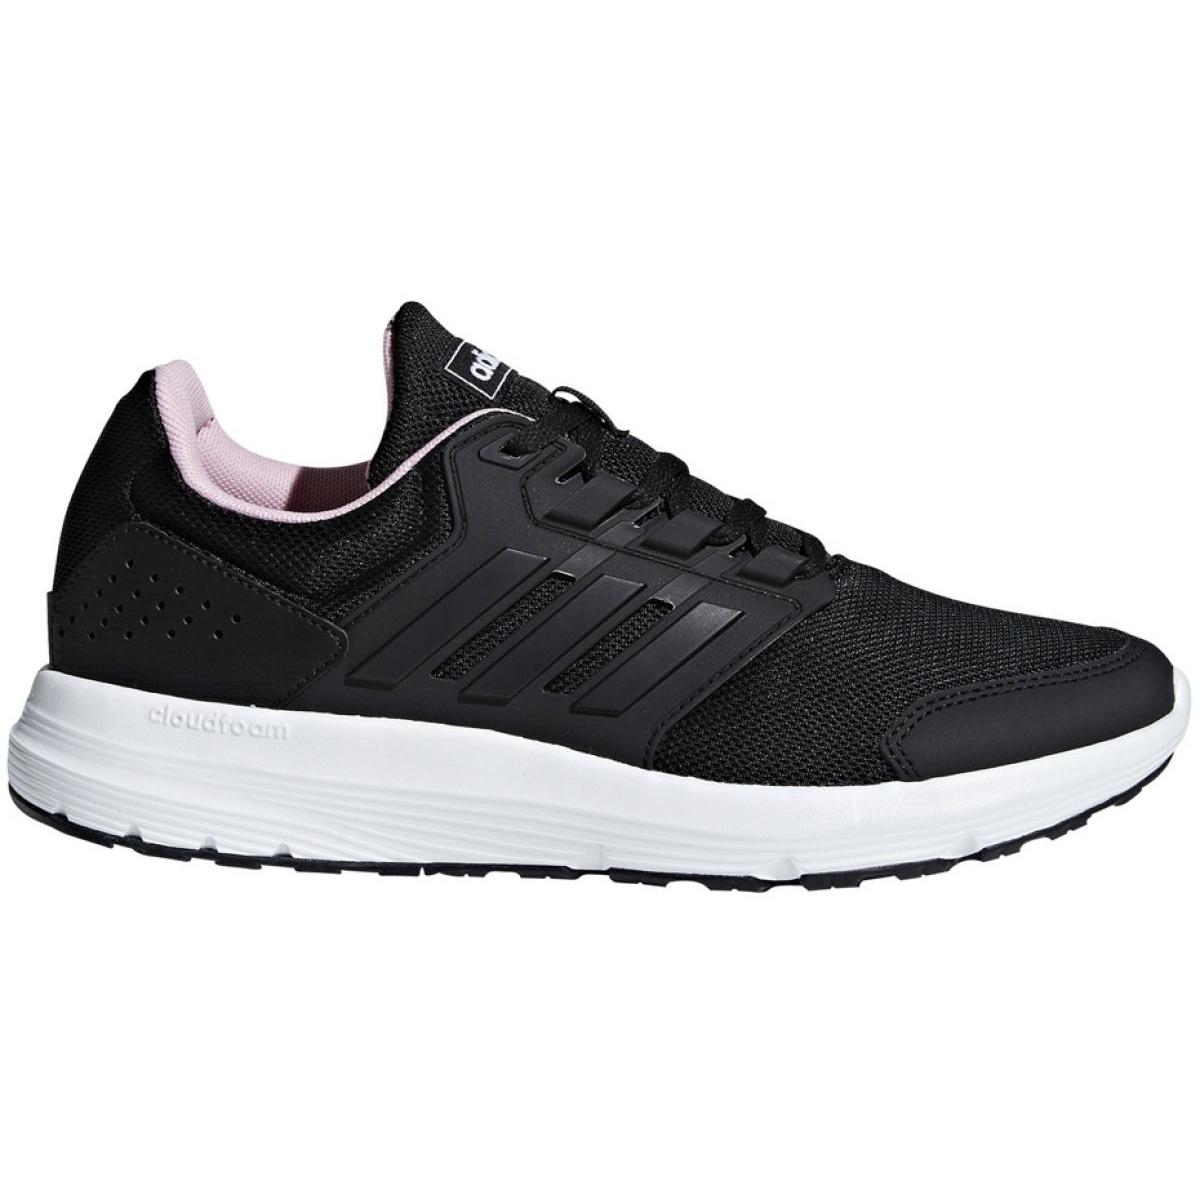 Adidas F36183 4 Galaxy Chaussures Running De W Noir VzpUMS